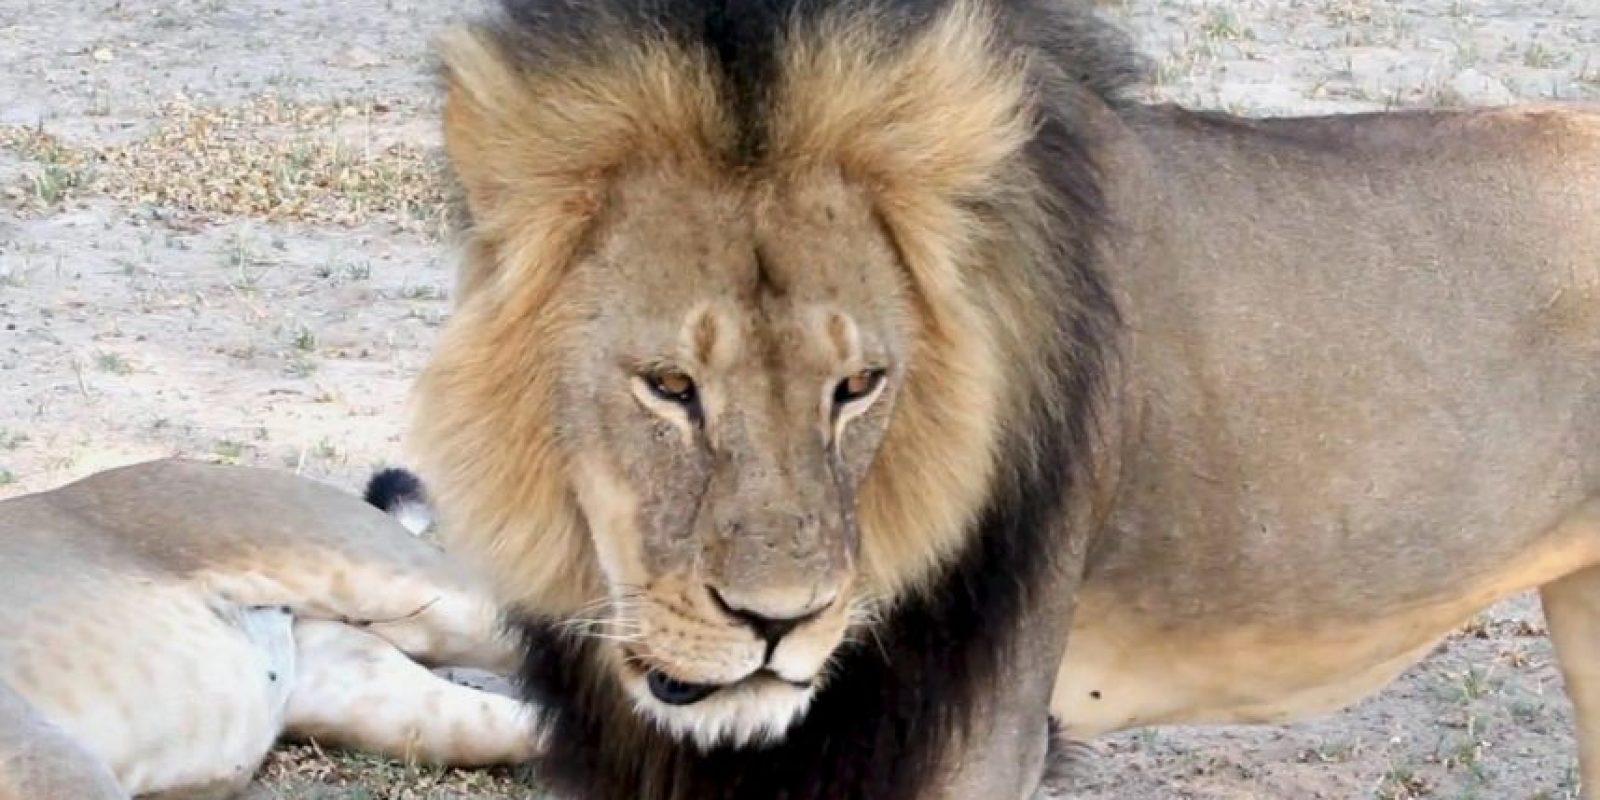 Brent Stapelkamp, buscará al león y espera encontrarlo vivo. Foto:AP